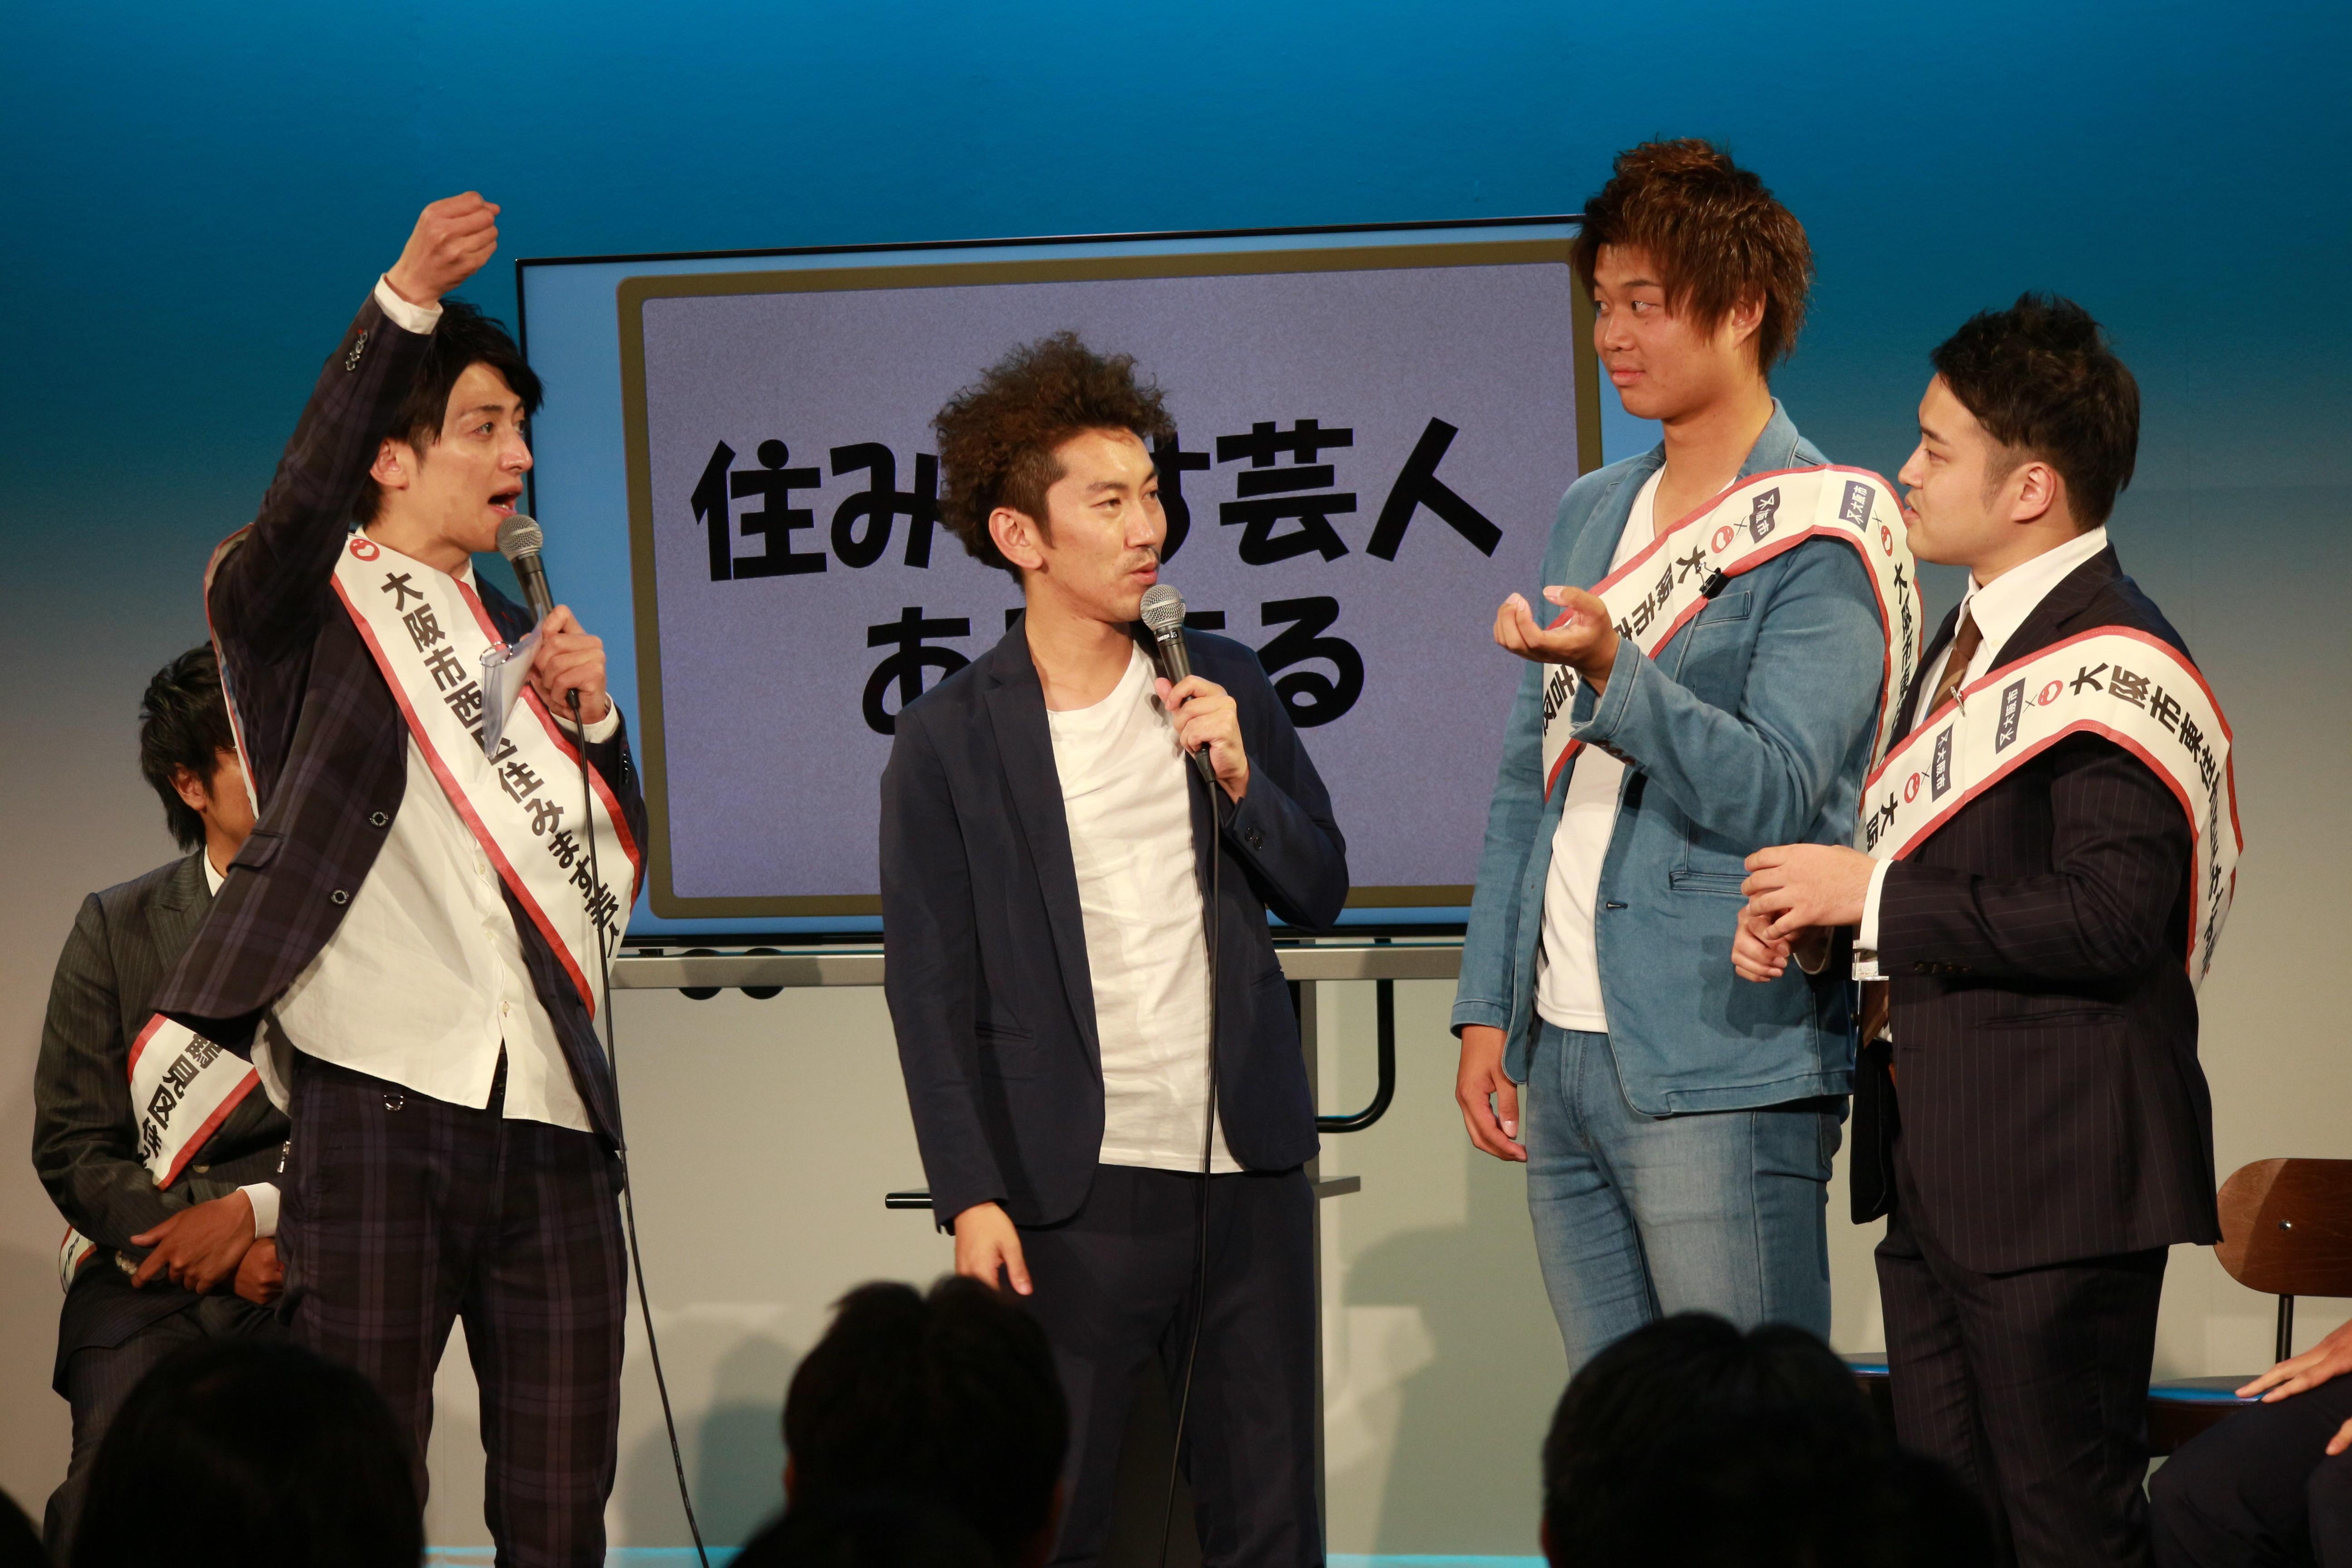 http://news.yoshimoto.co.jp/20180808175400-2378f4559d394fc6a24f22defe6af994e85bb796.jpg